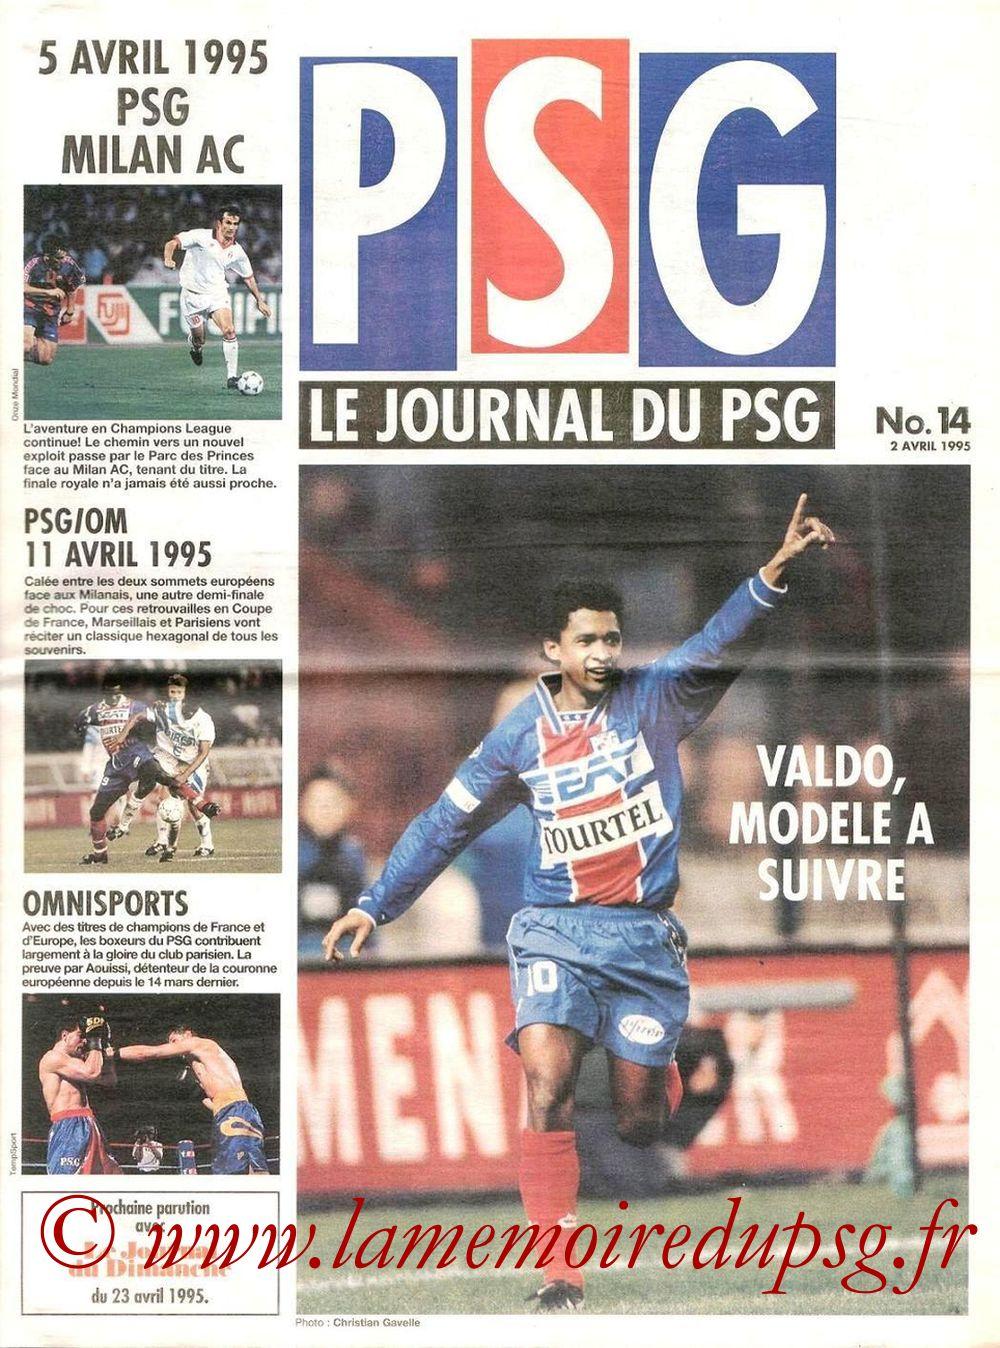 1995-04-08  PSG-Nice (32ème D1, Le journal du PSG N°14)